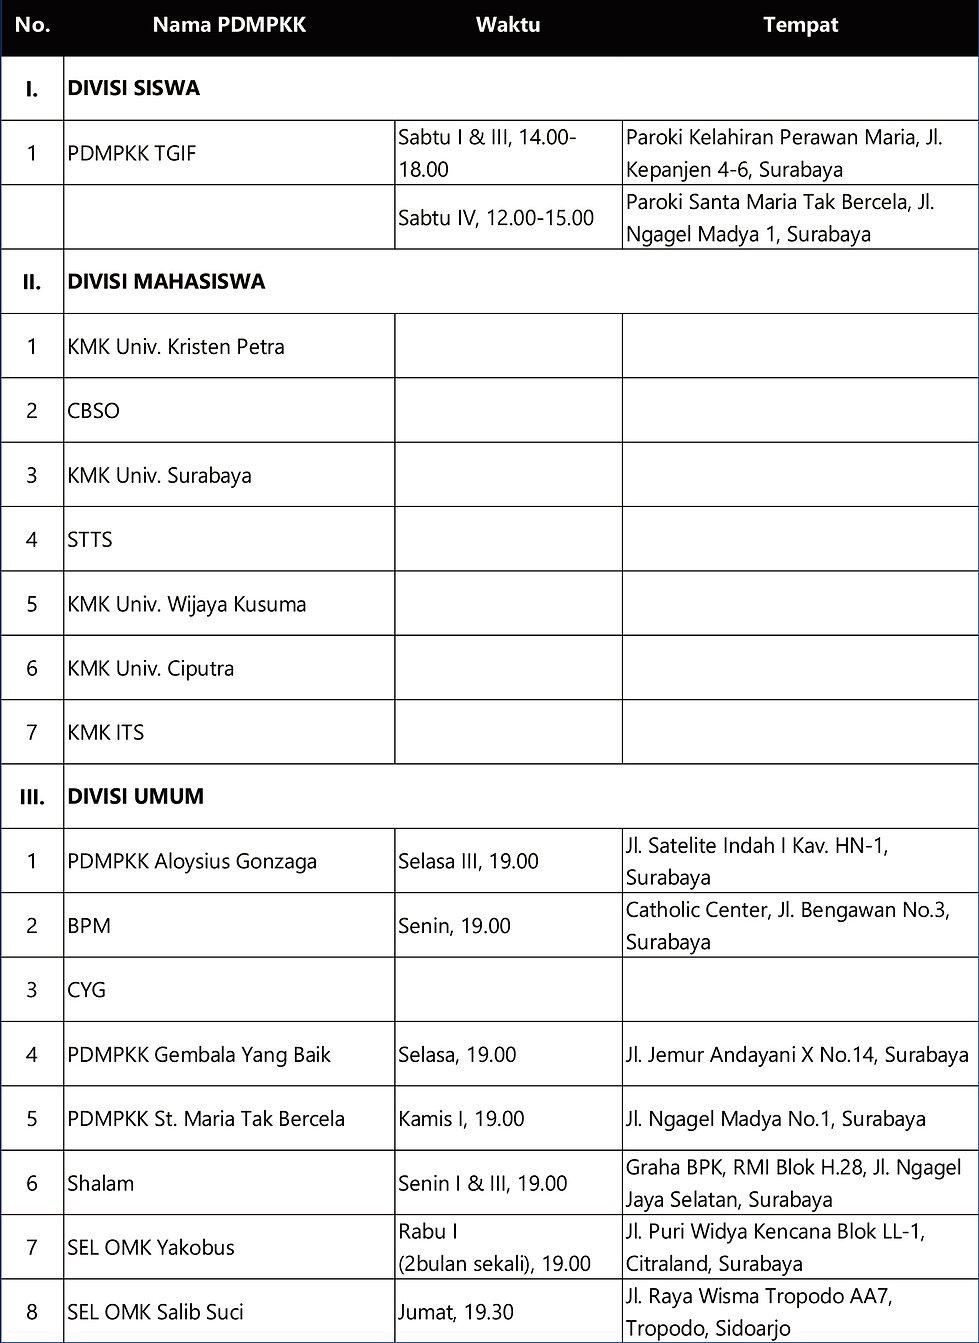 Daftar PDMPKK.jpg